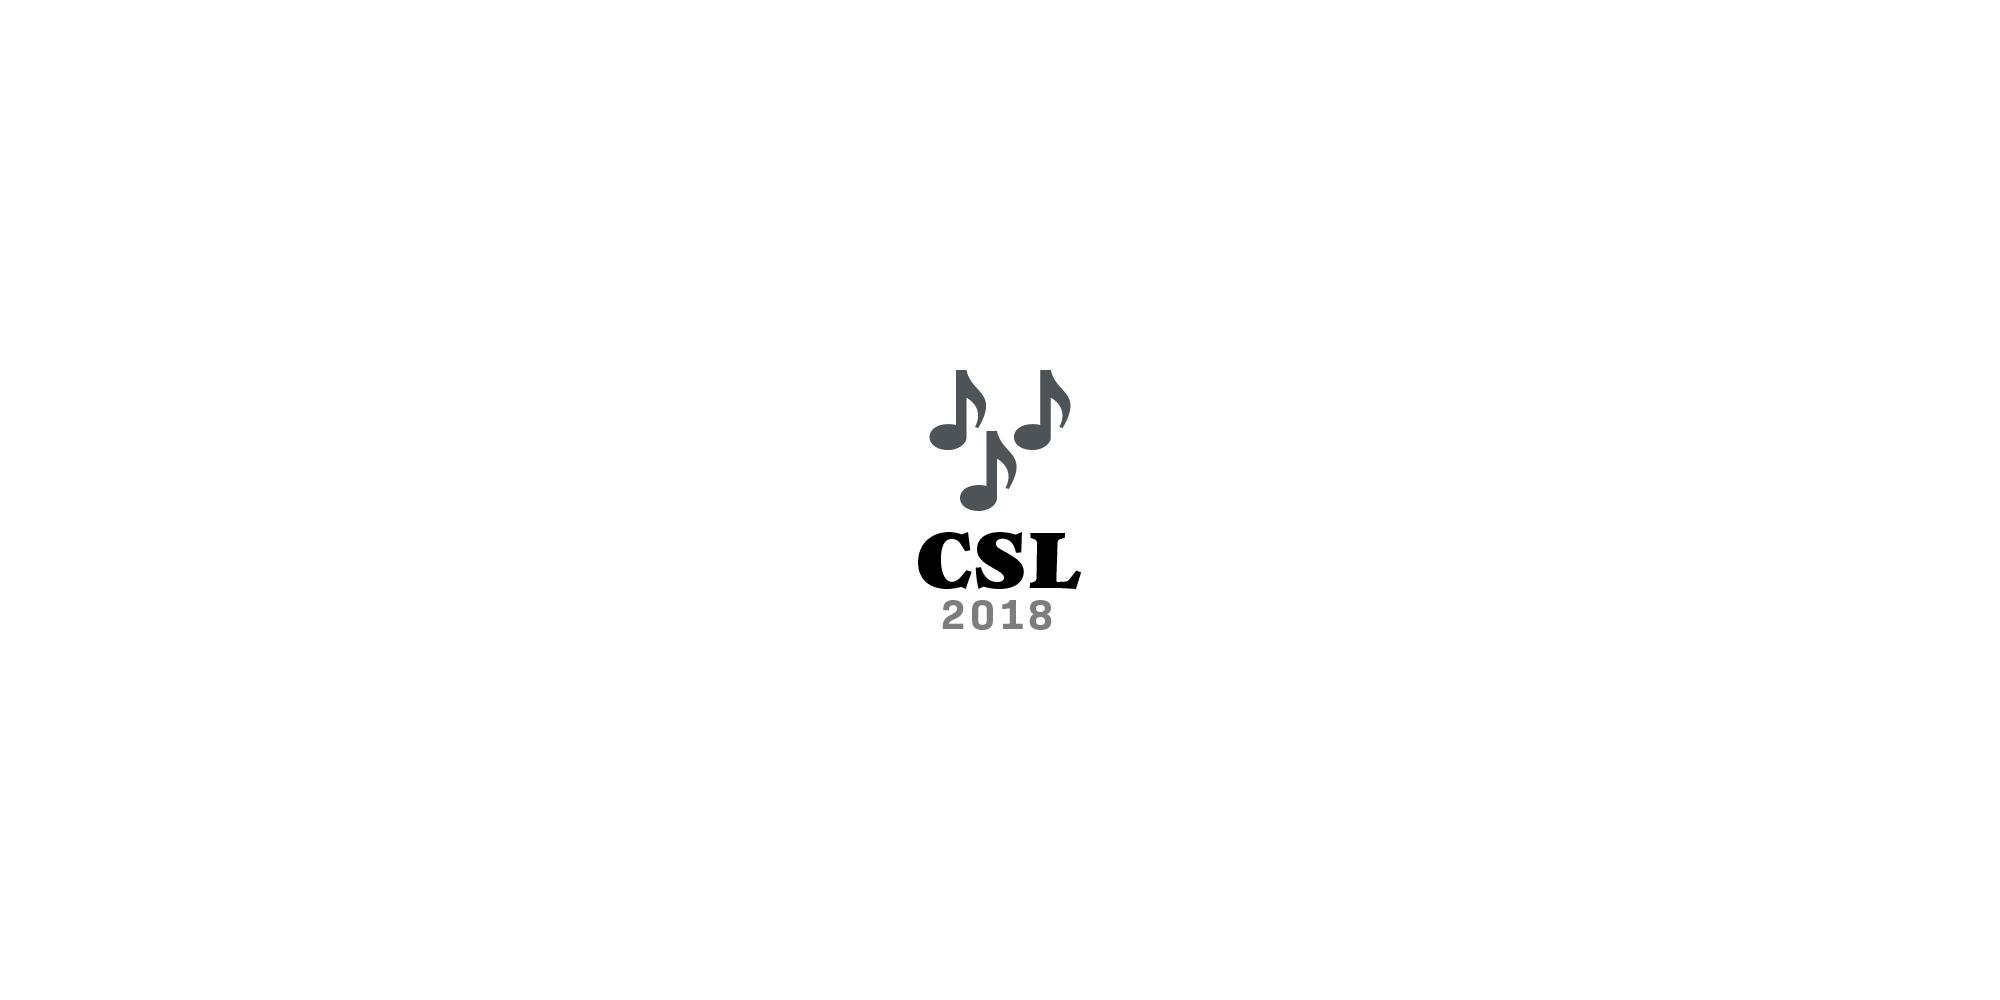 csl_songs_2018.png